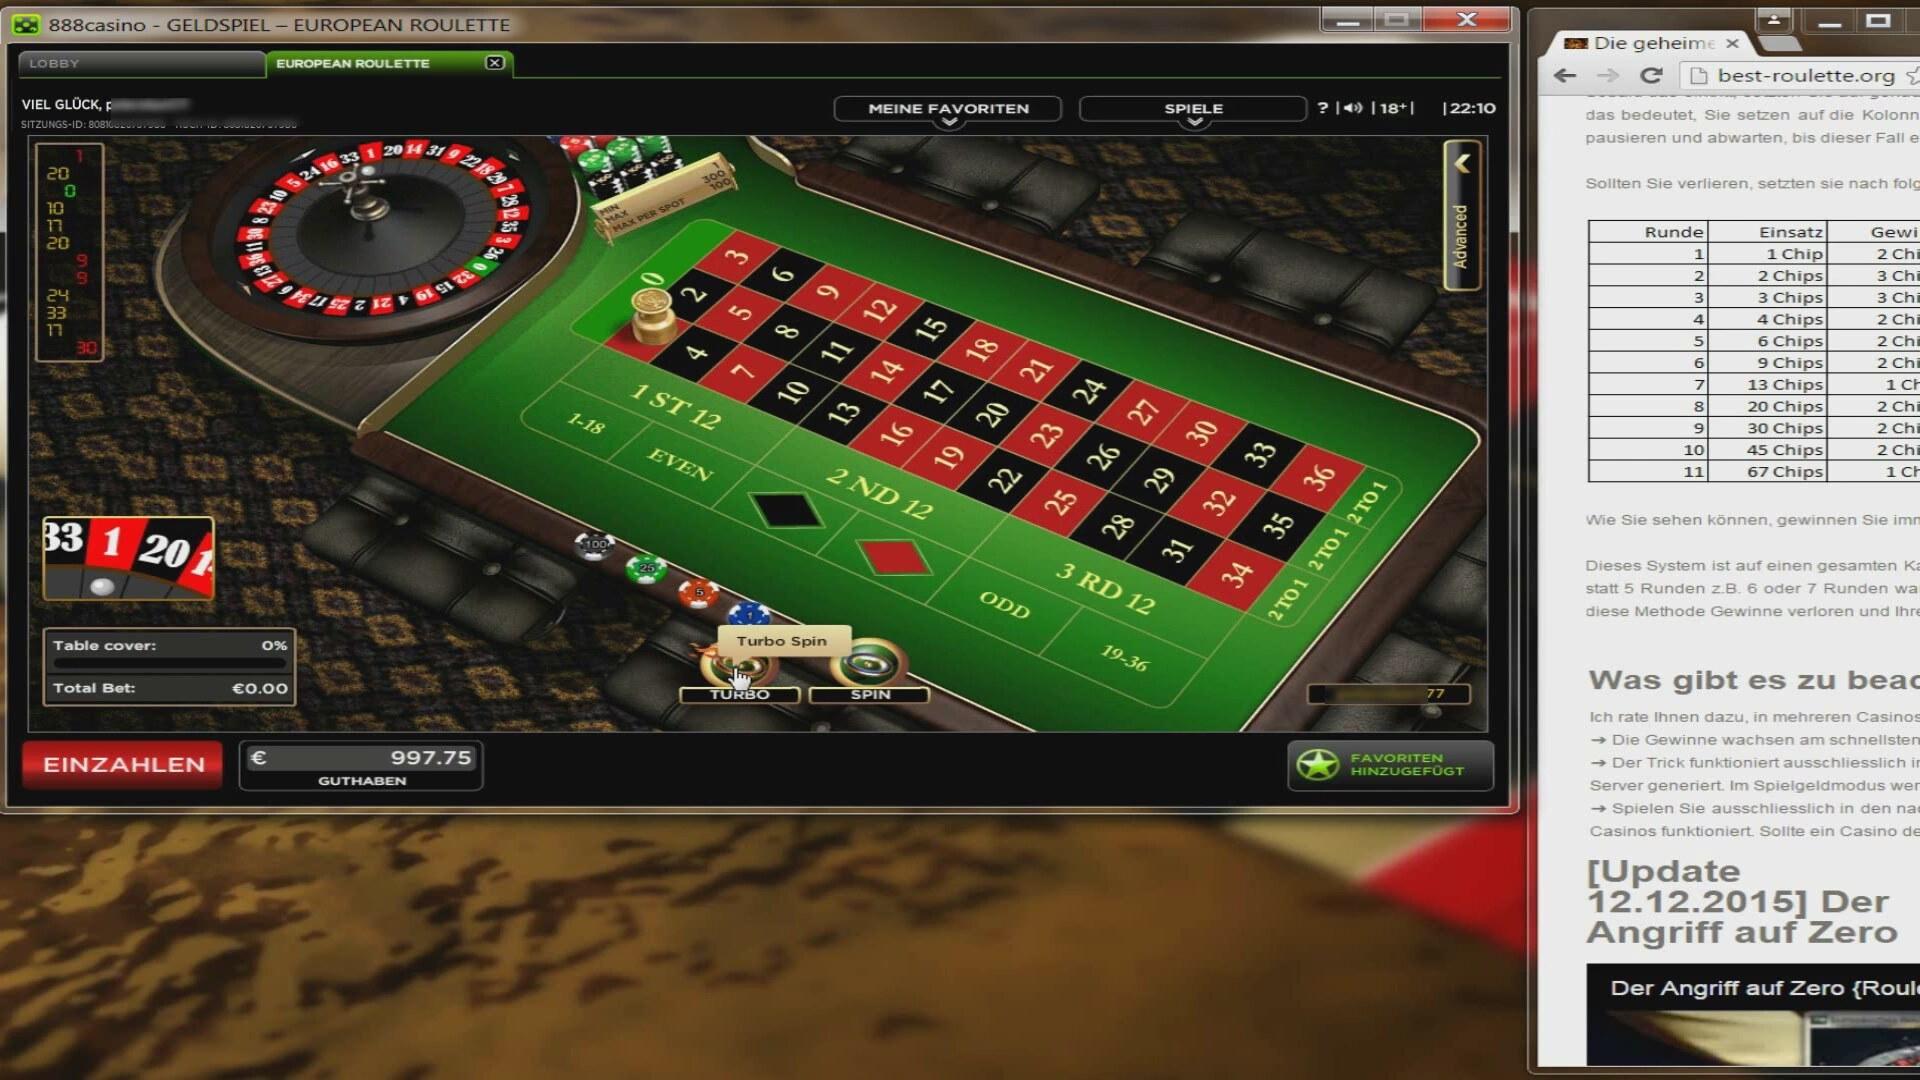 Casino roulette geld verdienen 17 4 luxor hotel & casino promos las vegas